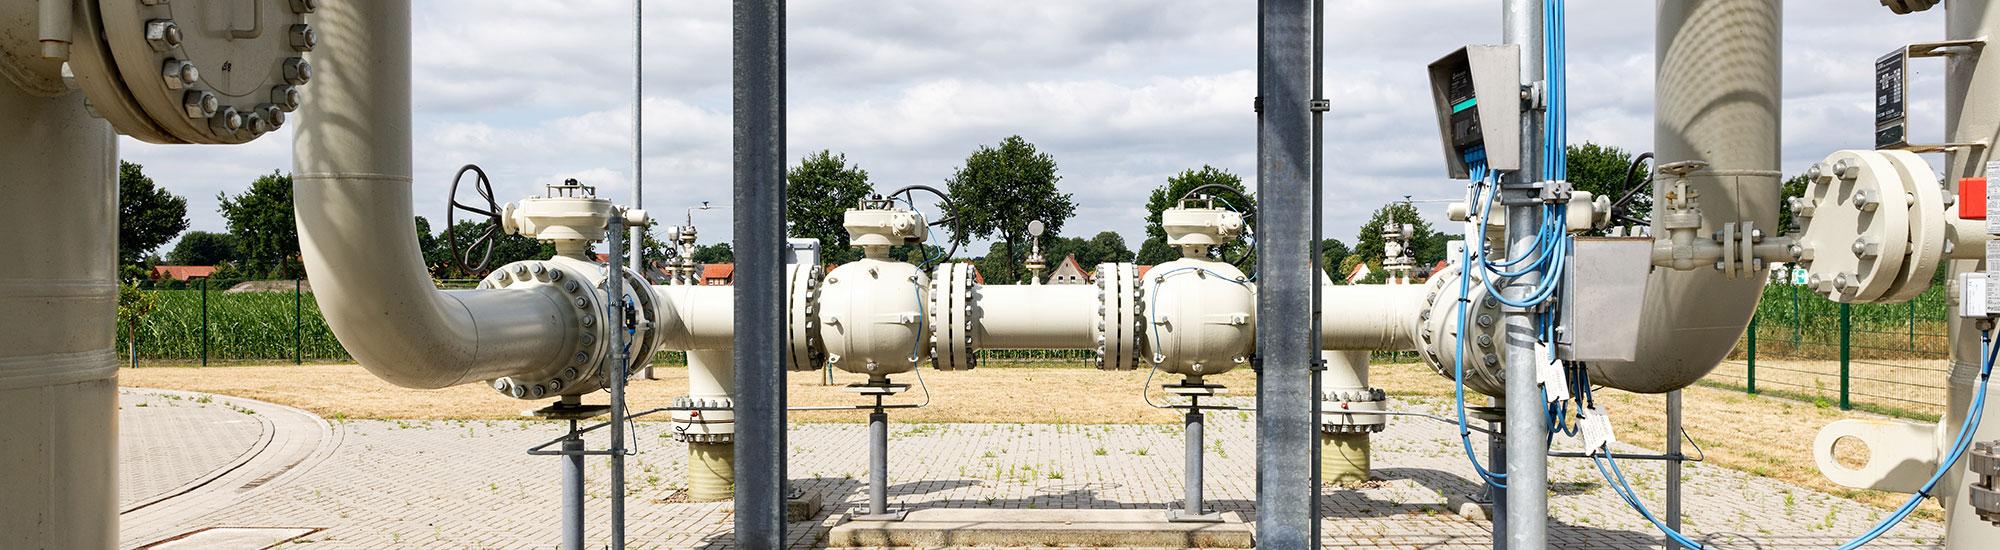 Nowega betreibt als Fernleitungsnetzbetreiber auf Münster rund 1500 km Gashochdruckleitungen.